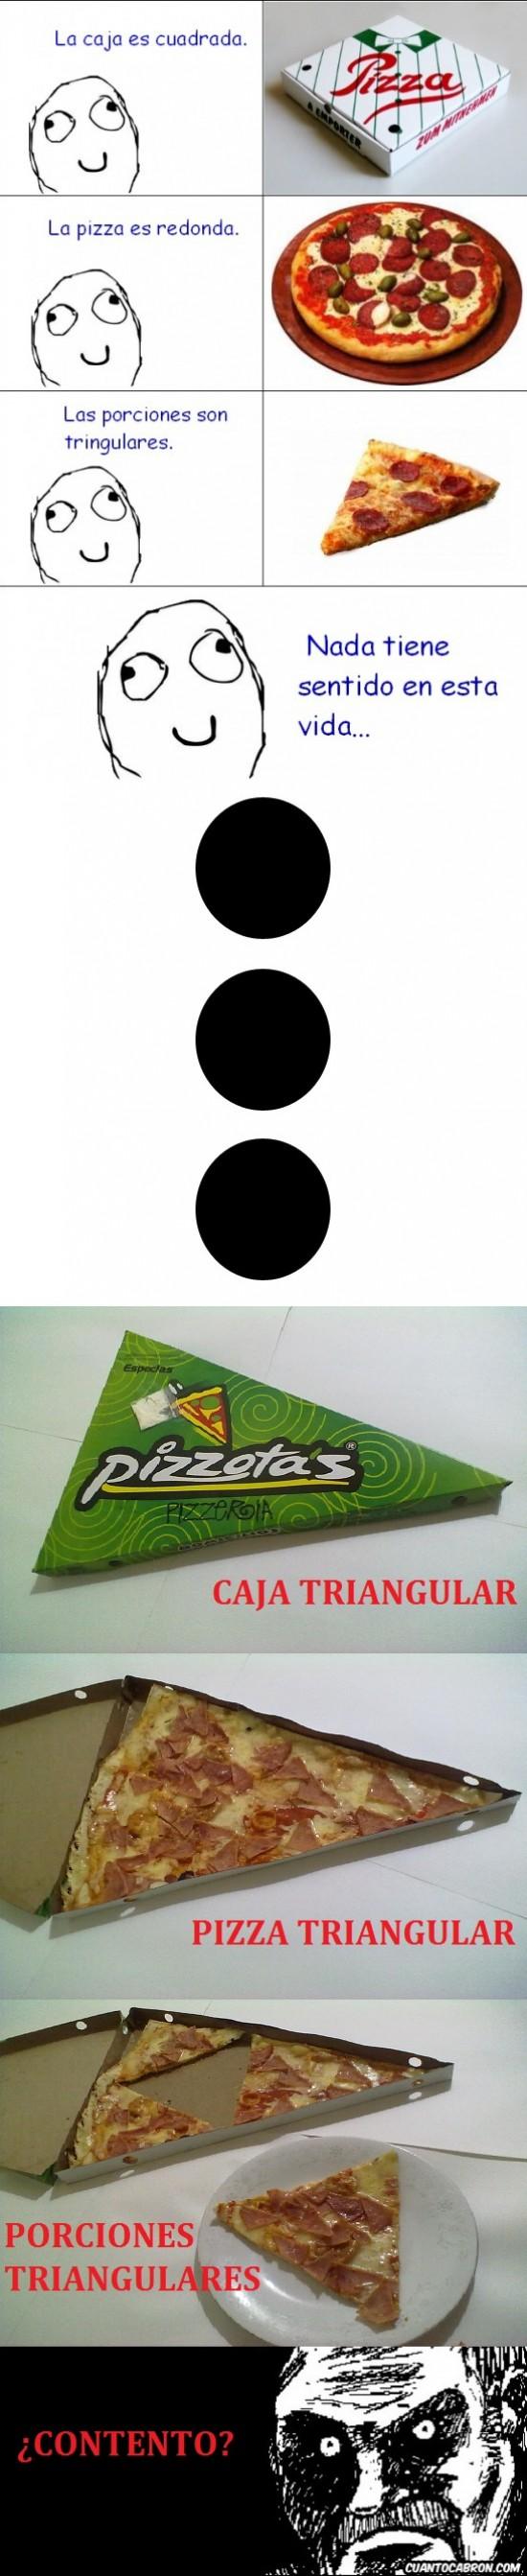 pizza sentido caja porciones triangular triangulares respuesta